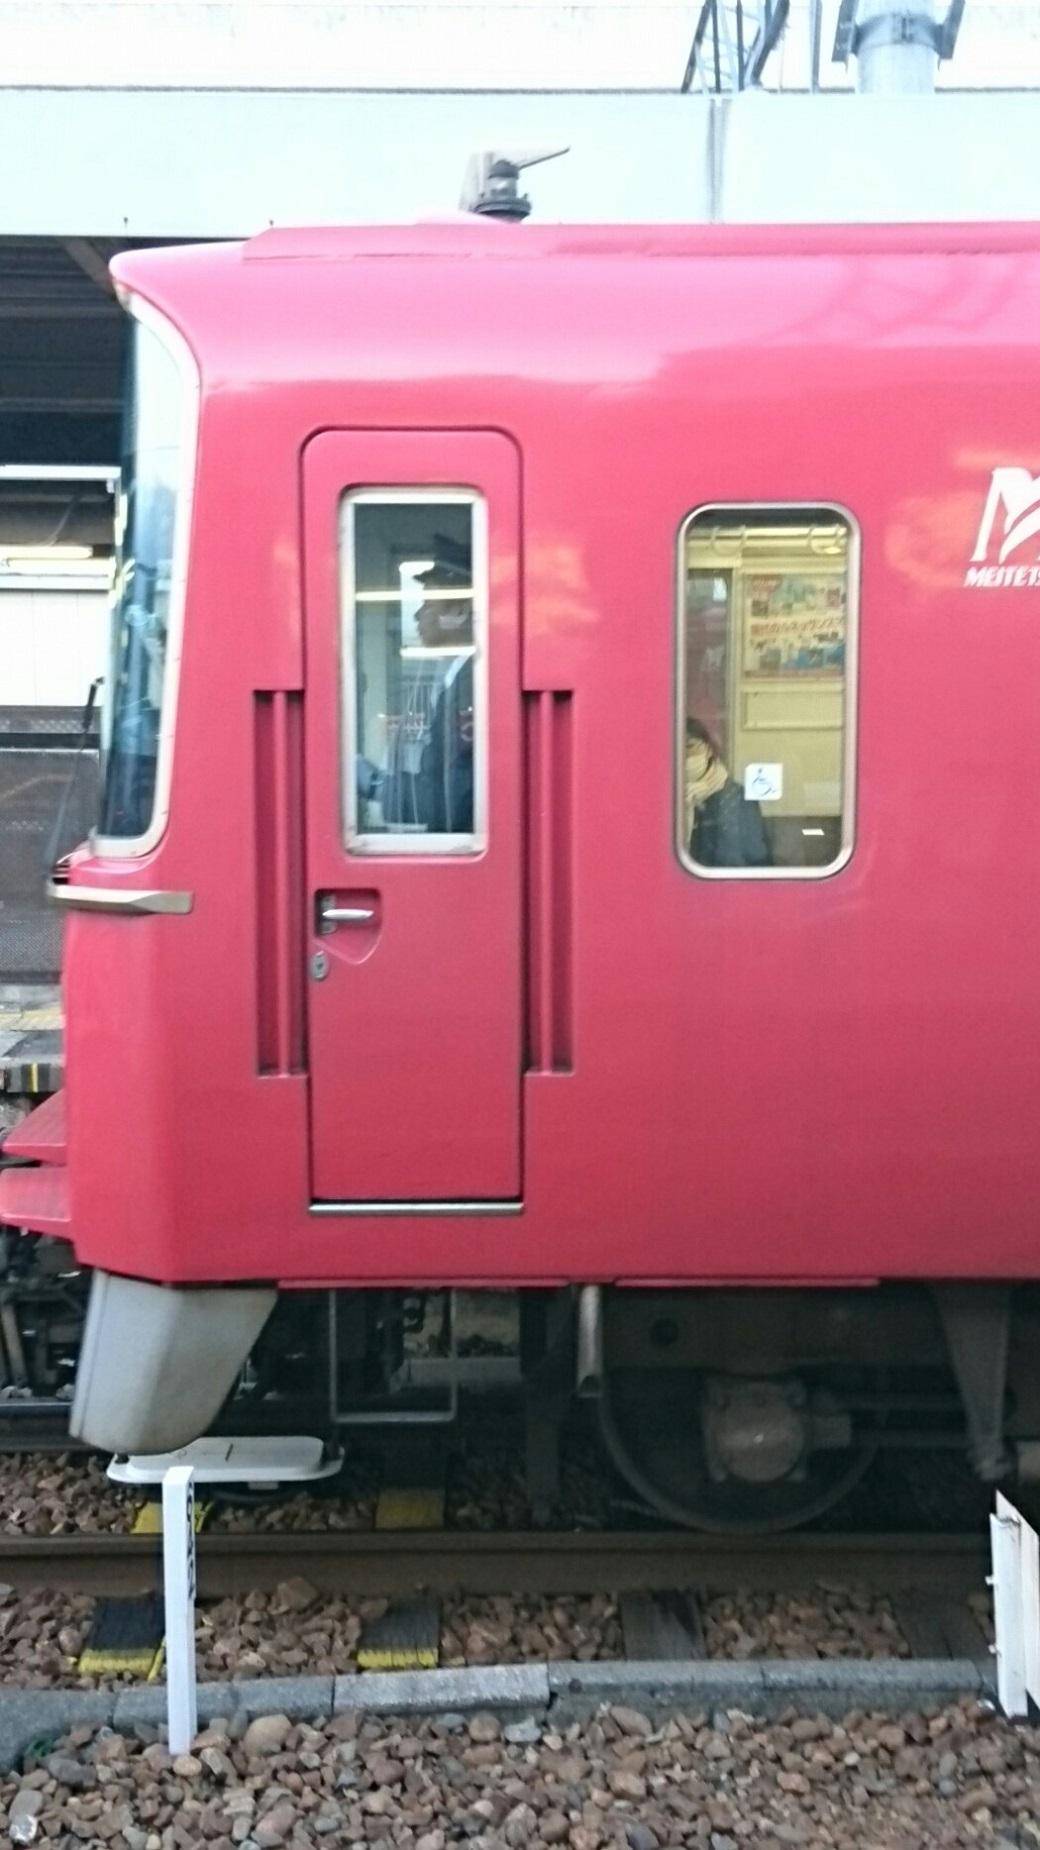 2017.12.25 岩倉いきふつう (5) 1040-1850